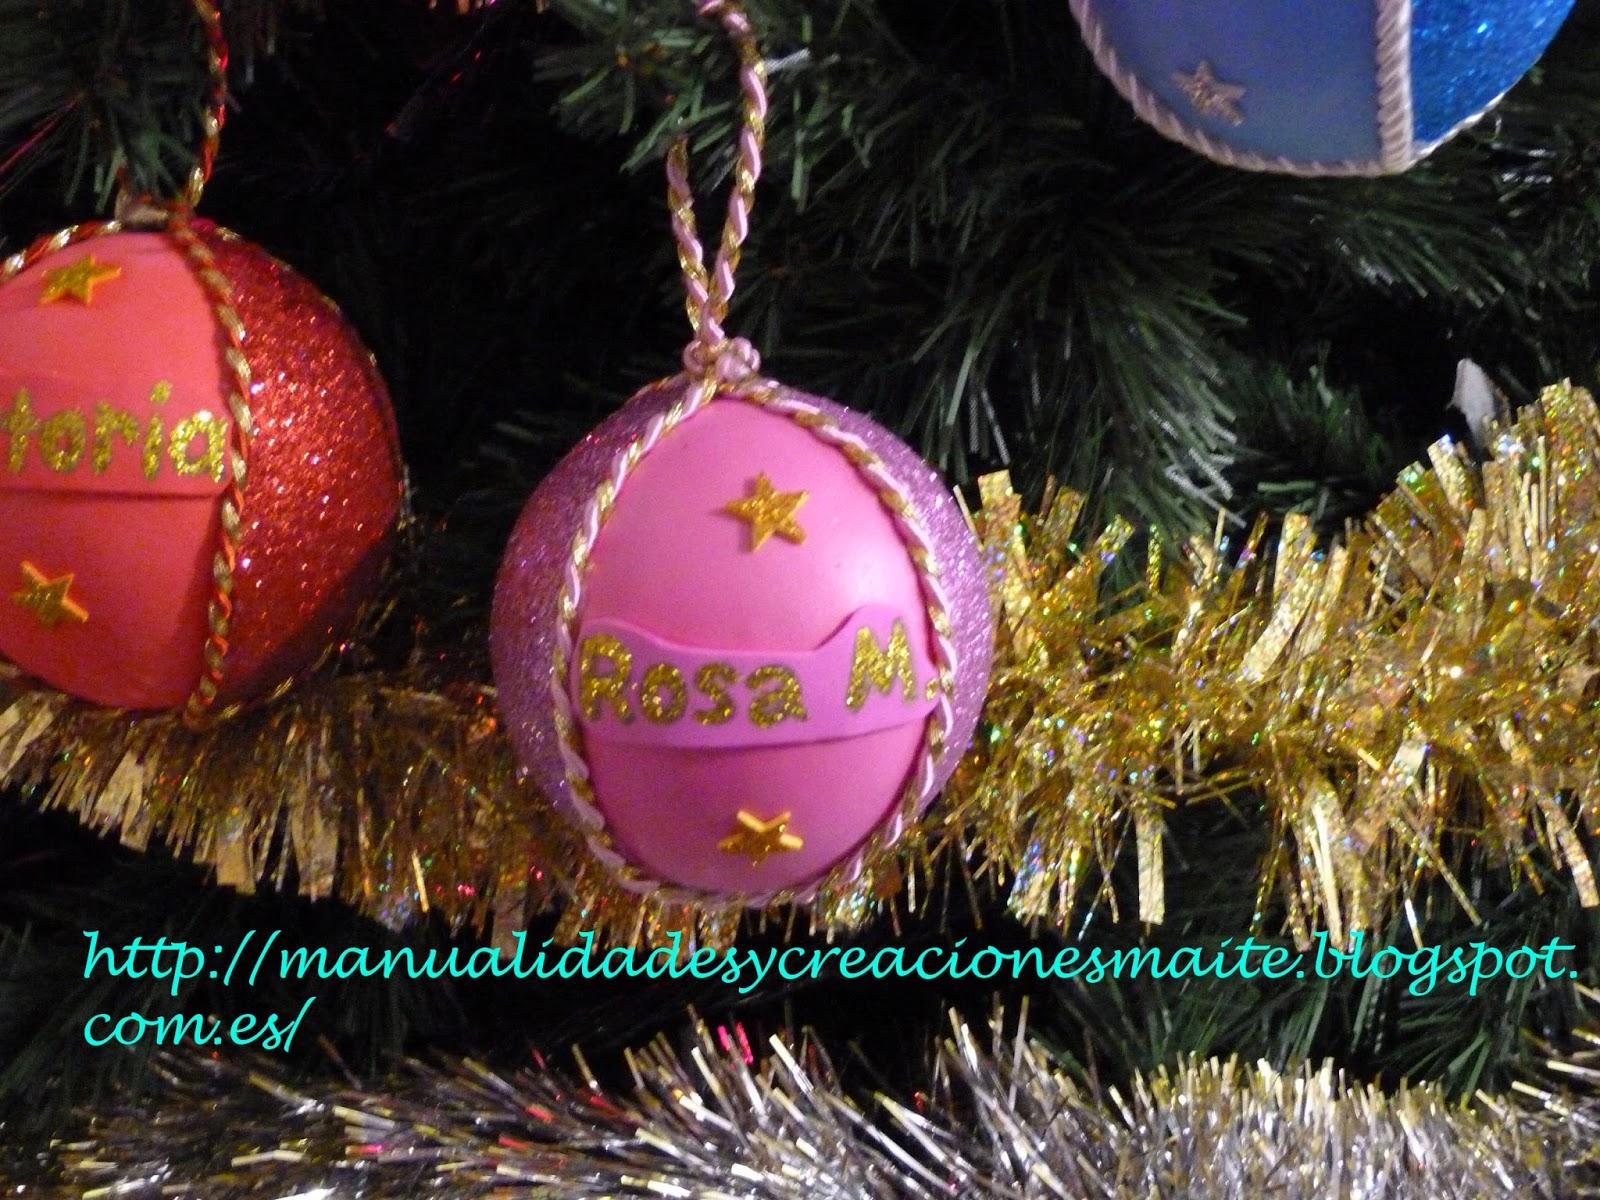 Fofuchas manualidades y creaciones maite bolas navidad - Bolas de cristal personalizadas ...